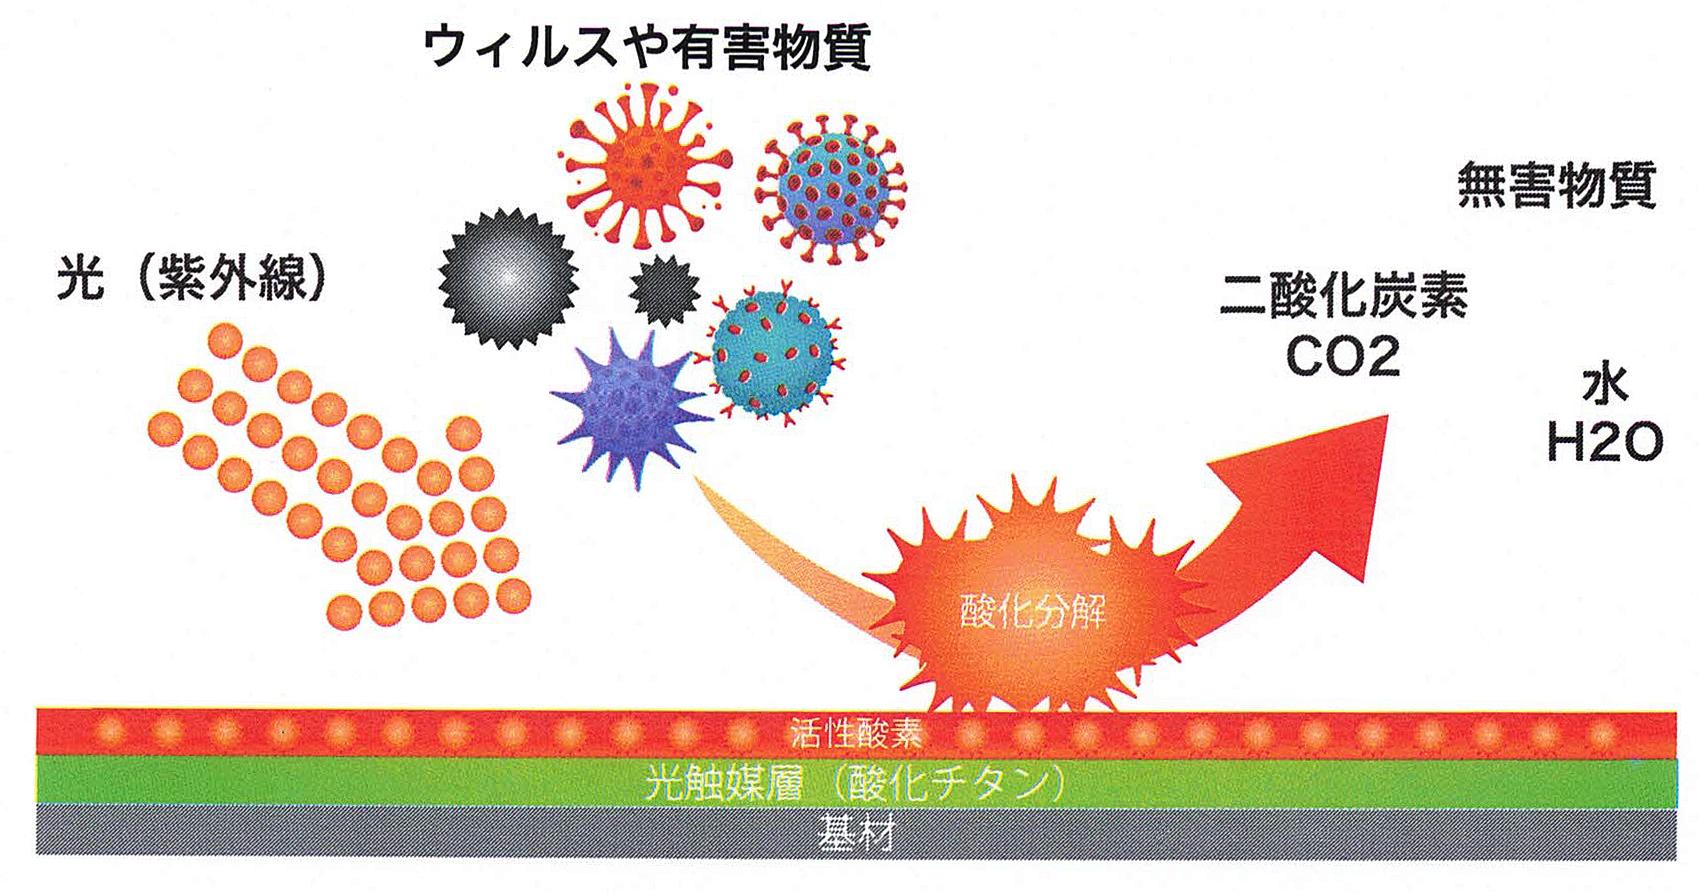 アヴァンコート酸化分解